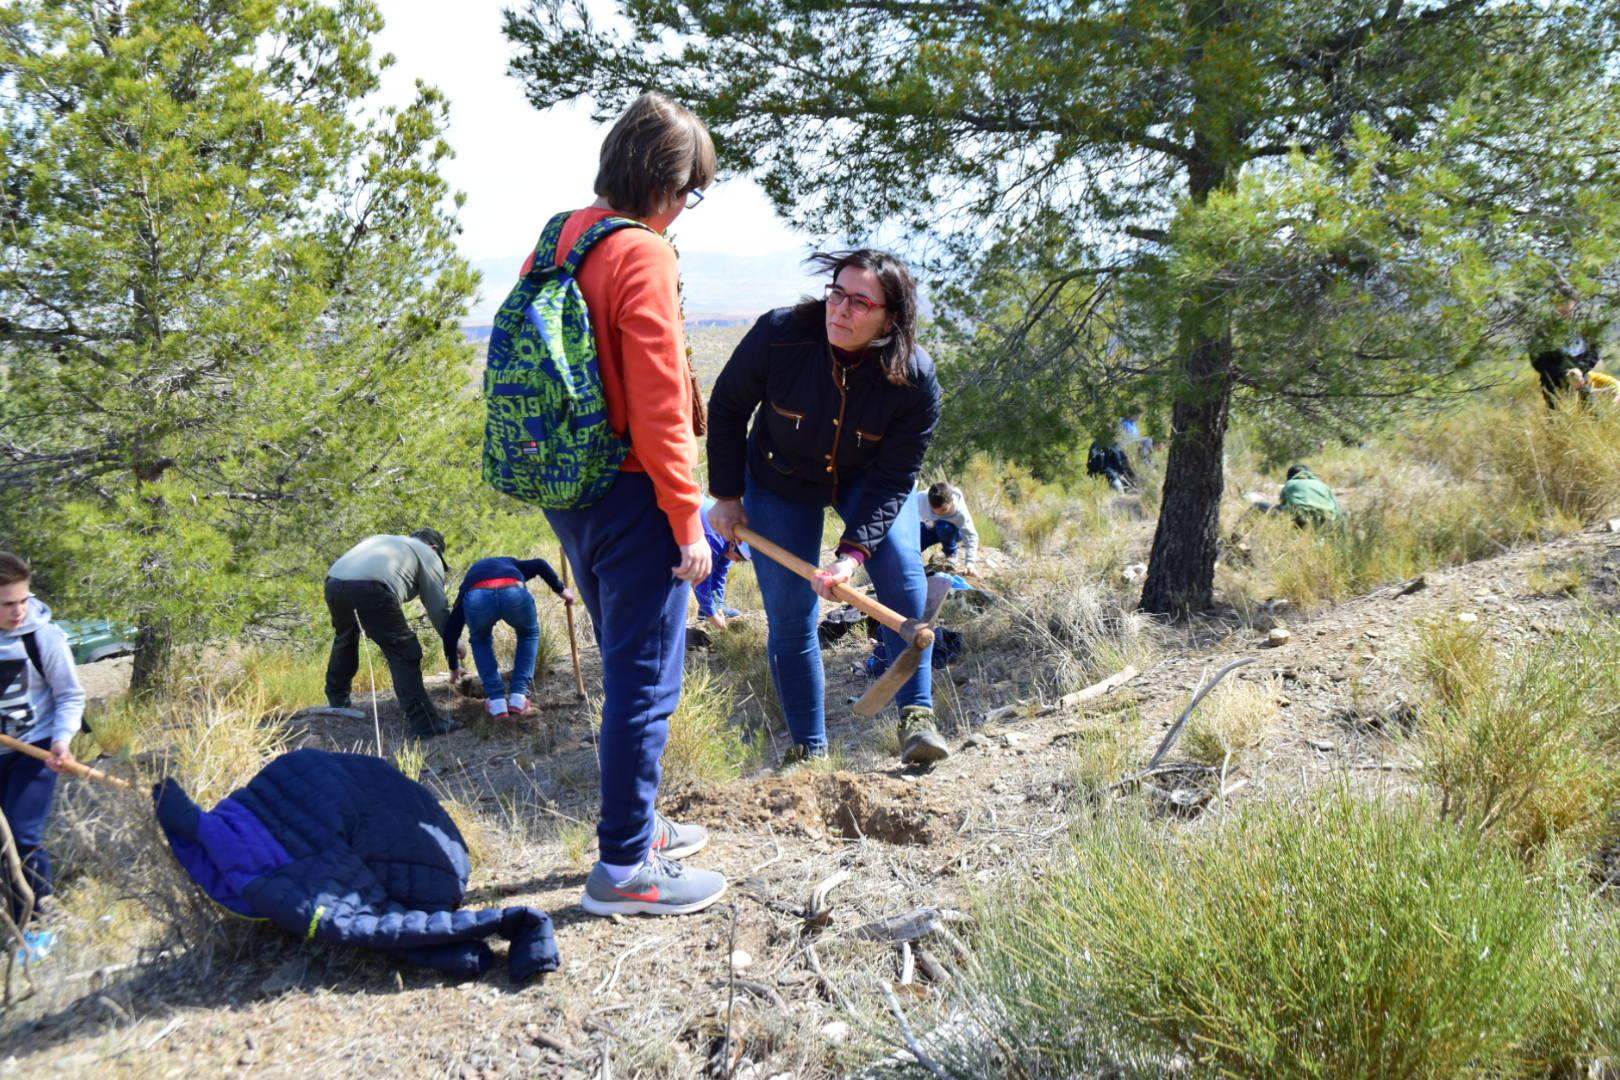 El IAJ edita el catálogo de campamento juveniles de 2021, que incluye tres espacios naturales en la provincia